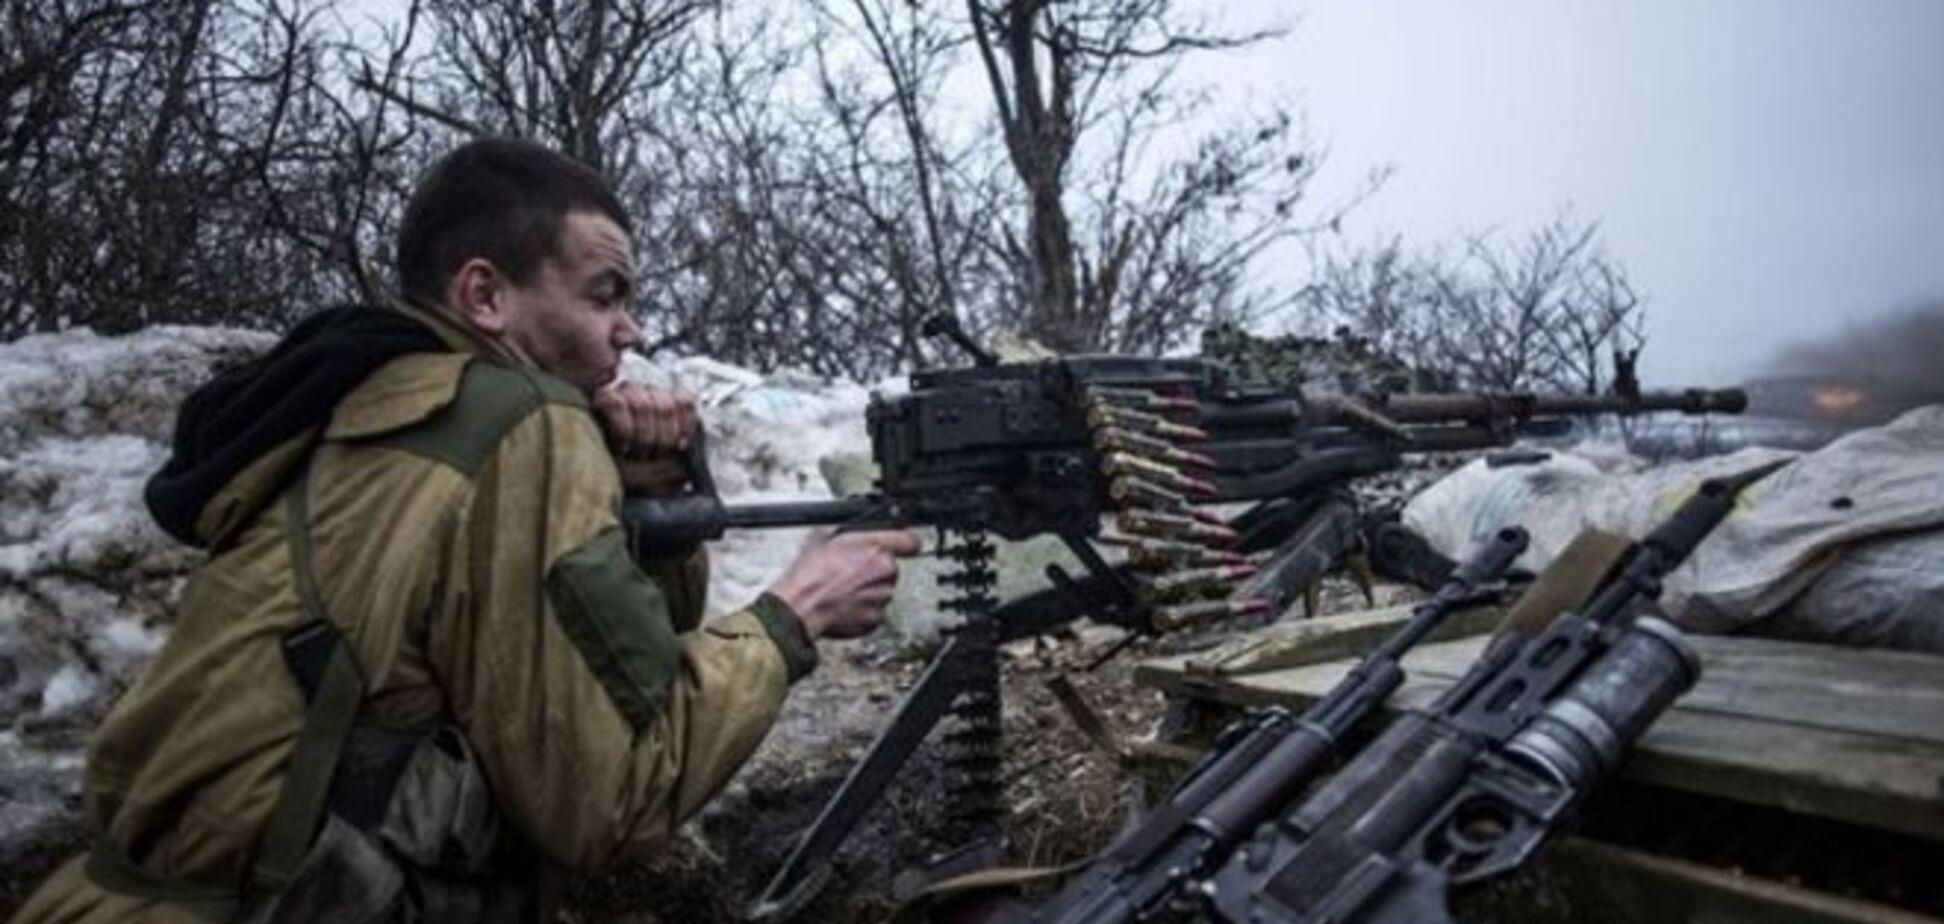 В Иловайск из России прибыли 6 вагонов с военной техникой - ИС